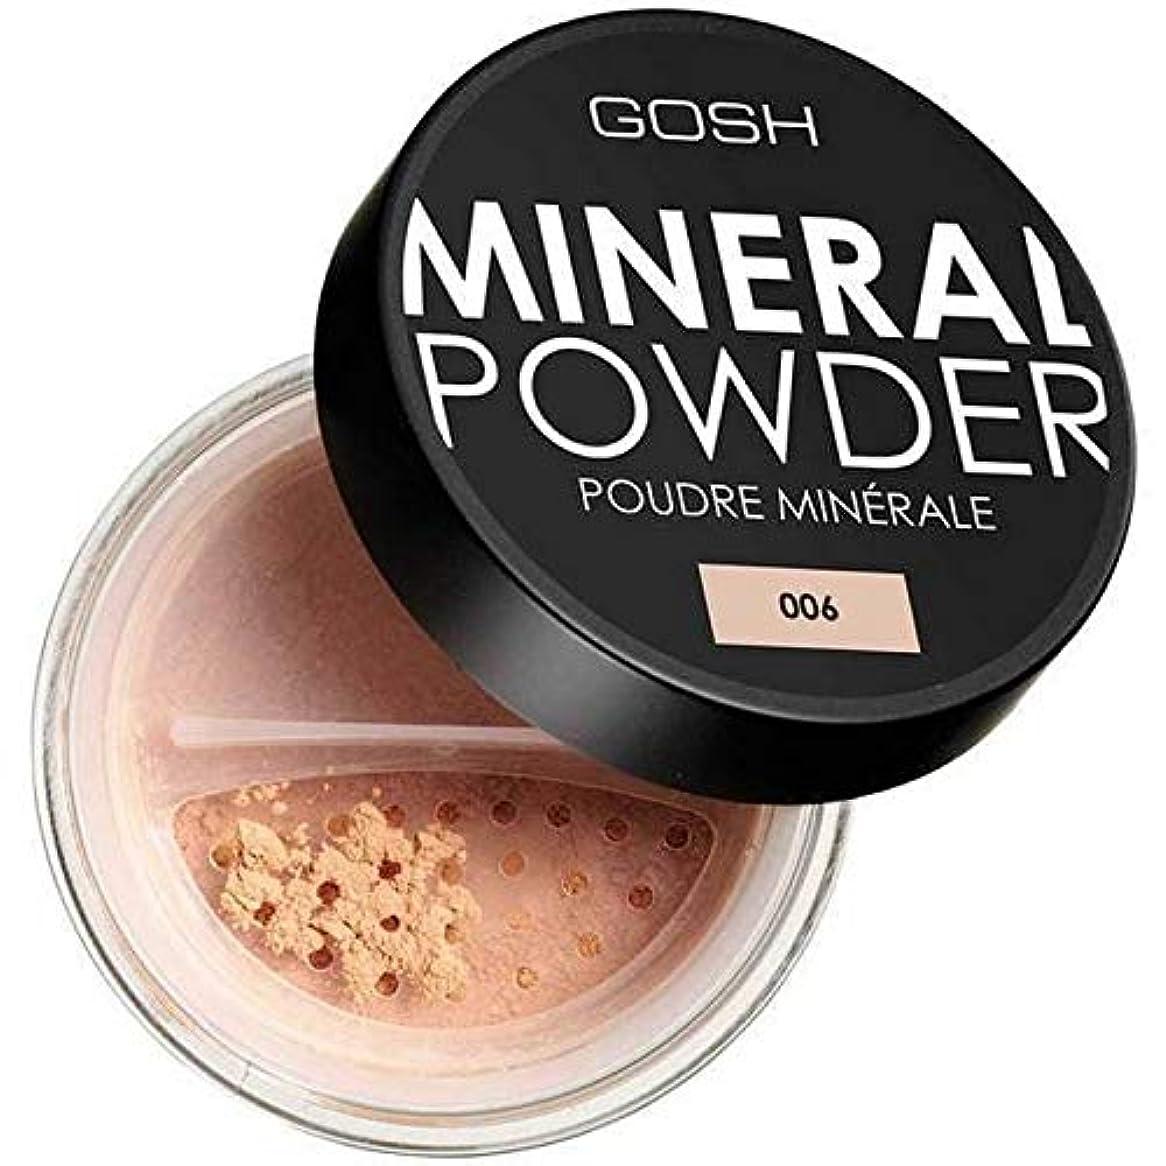 ヤング発疹最終[GOSH ] おやっミネラルフルカバレッジ基礎粉末蜂蜜006 - GOSH Mineral Full Coverage Foundation Powder Honey 006 [並行輸入品]